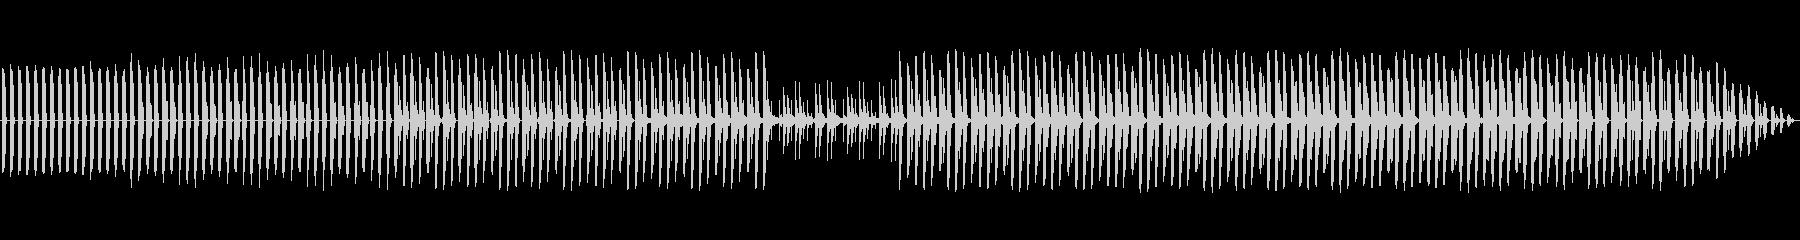 神秘的、暗い。不気味なシンセ。繰り...の未再生の波形